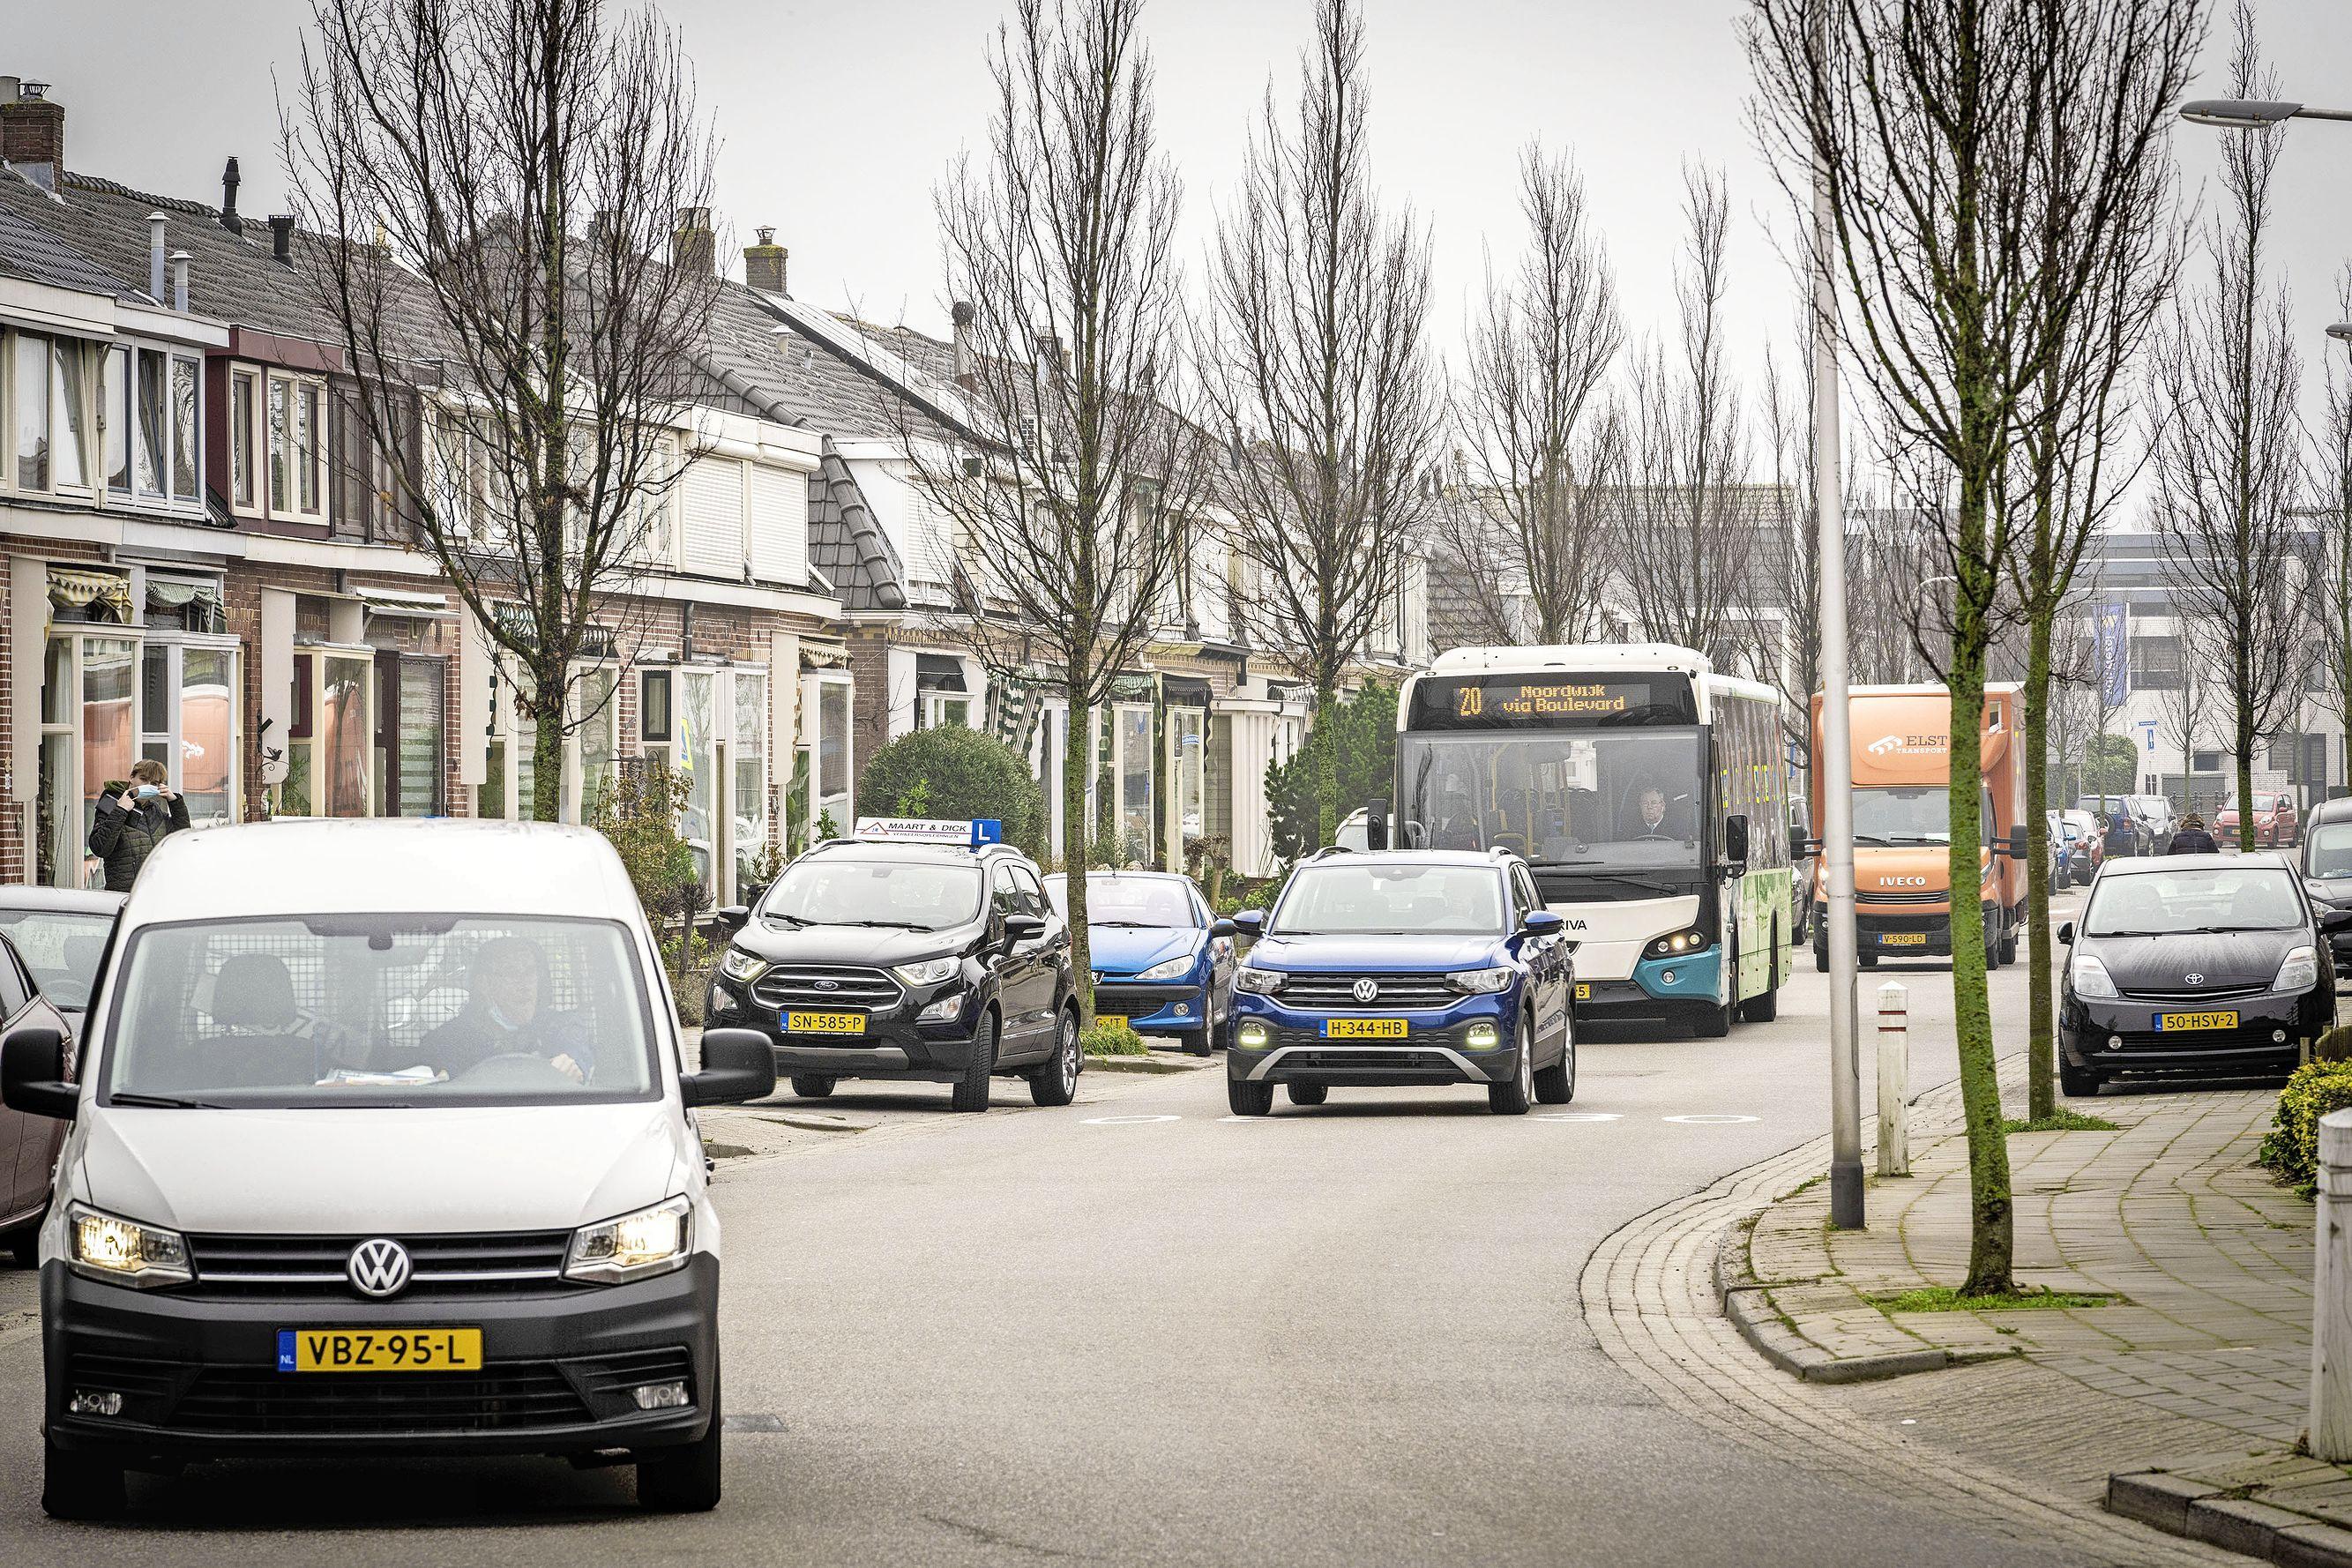 Verbod op doorgaand vrachtverkeer Rijnsburgse Brouwerstraat uiterlijk in september: 'We maken echt haast'